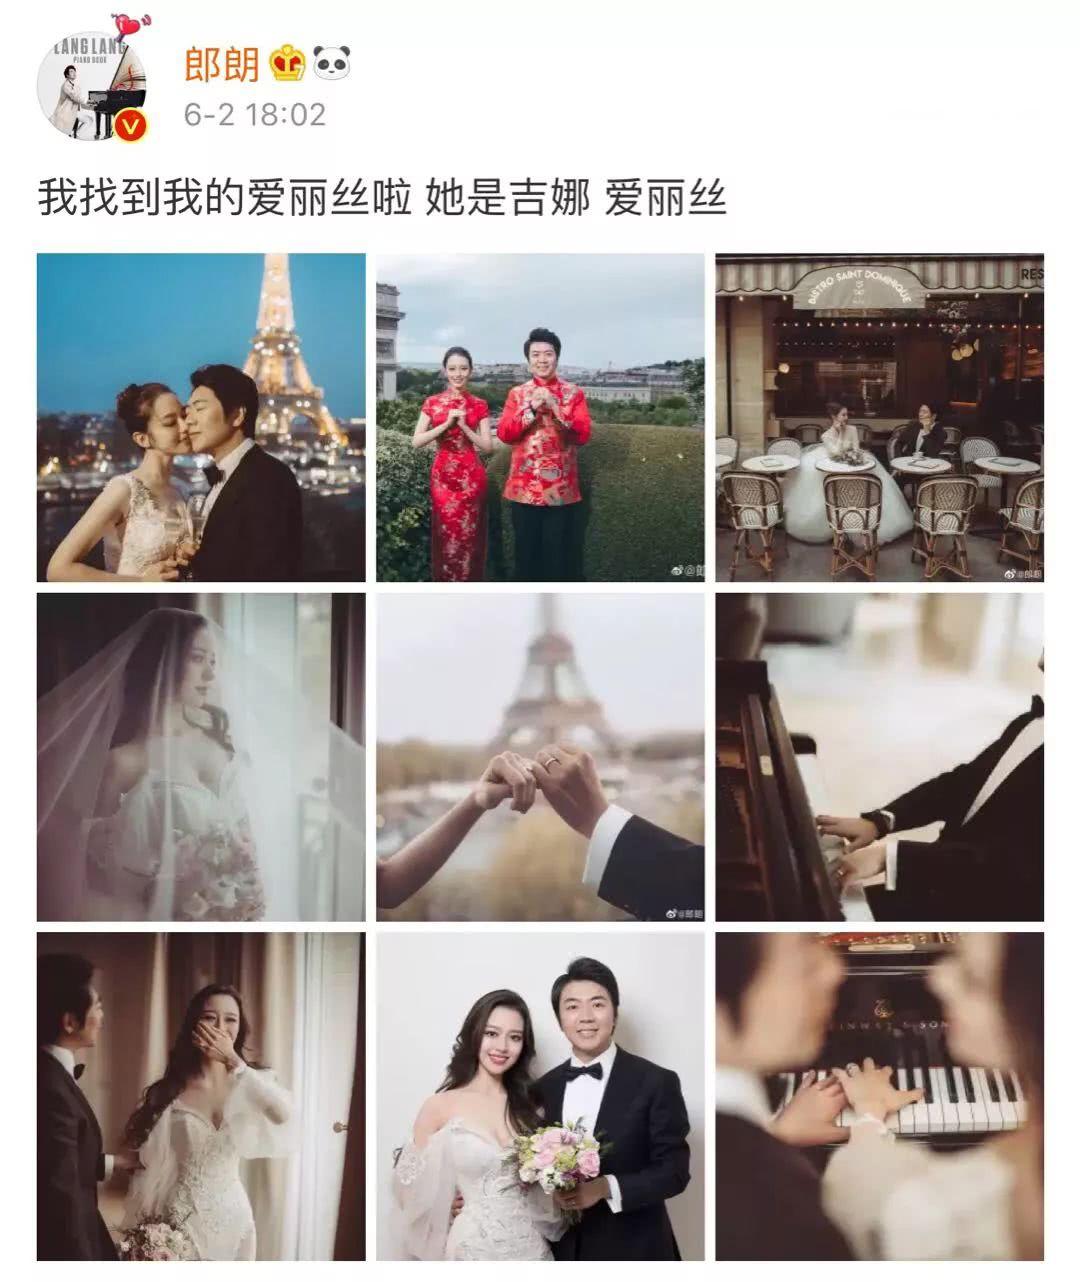 郎朗婚礼视频曝光幸福溢出屏 新娘一口流利的中文亮了